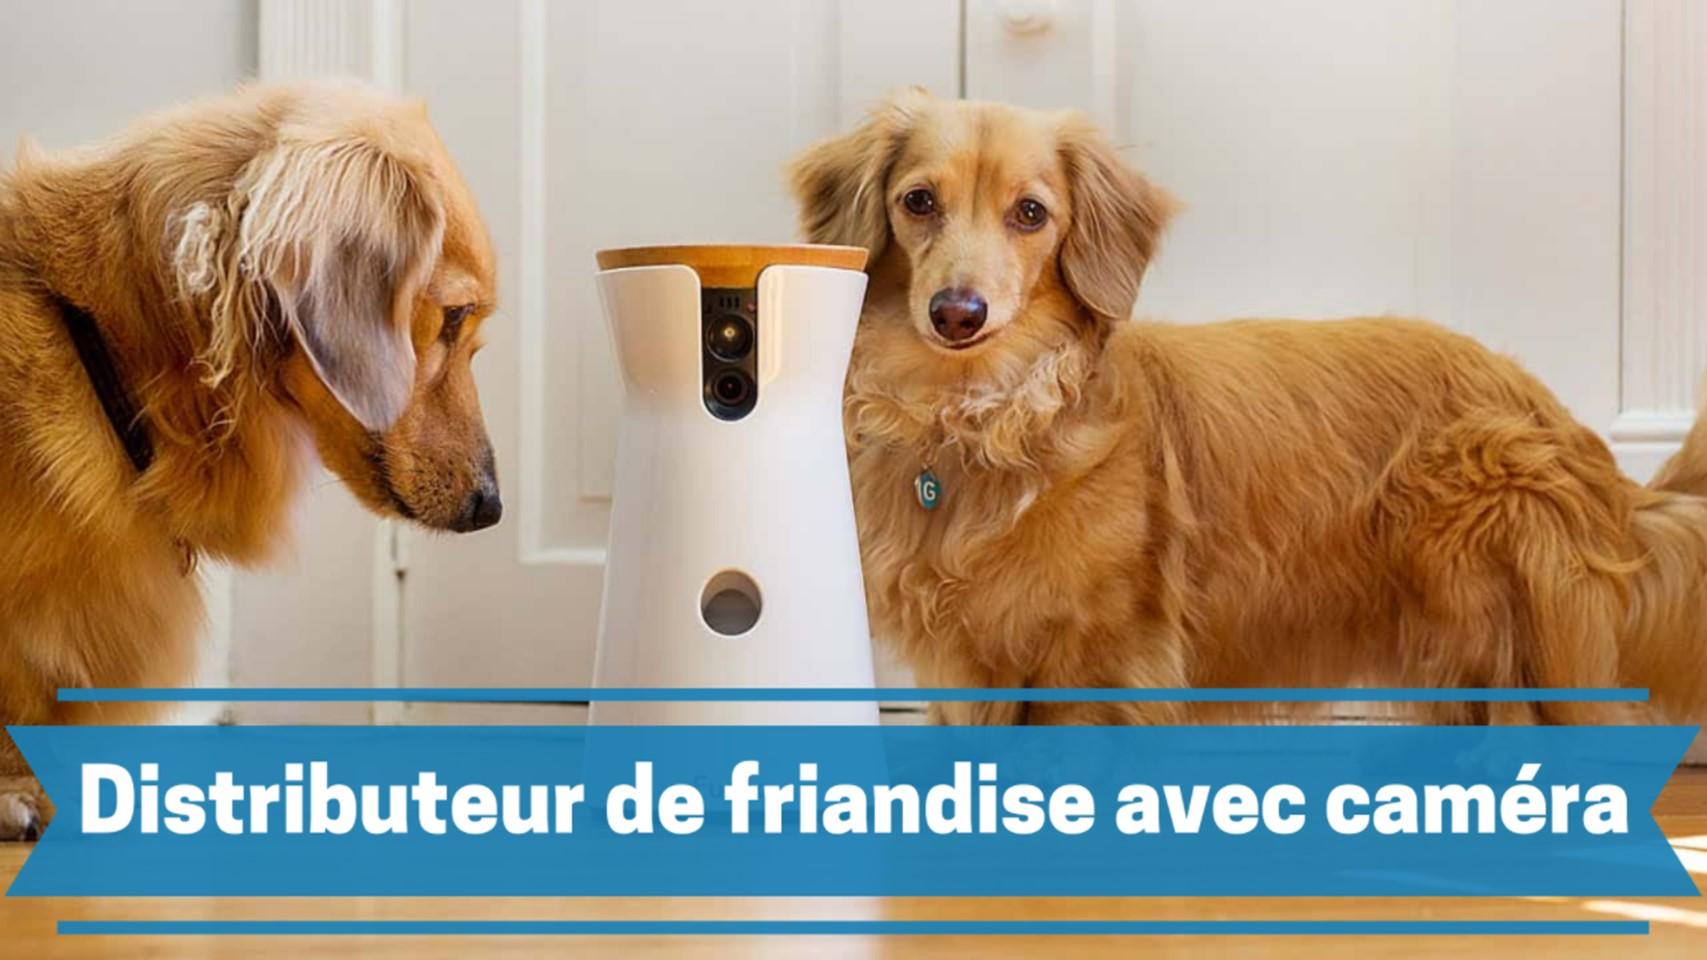 meilleur distributeur de friandise avec caméra pour chien comparatif guide achat avis